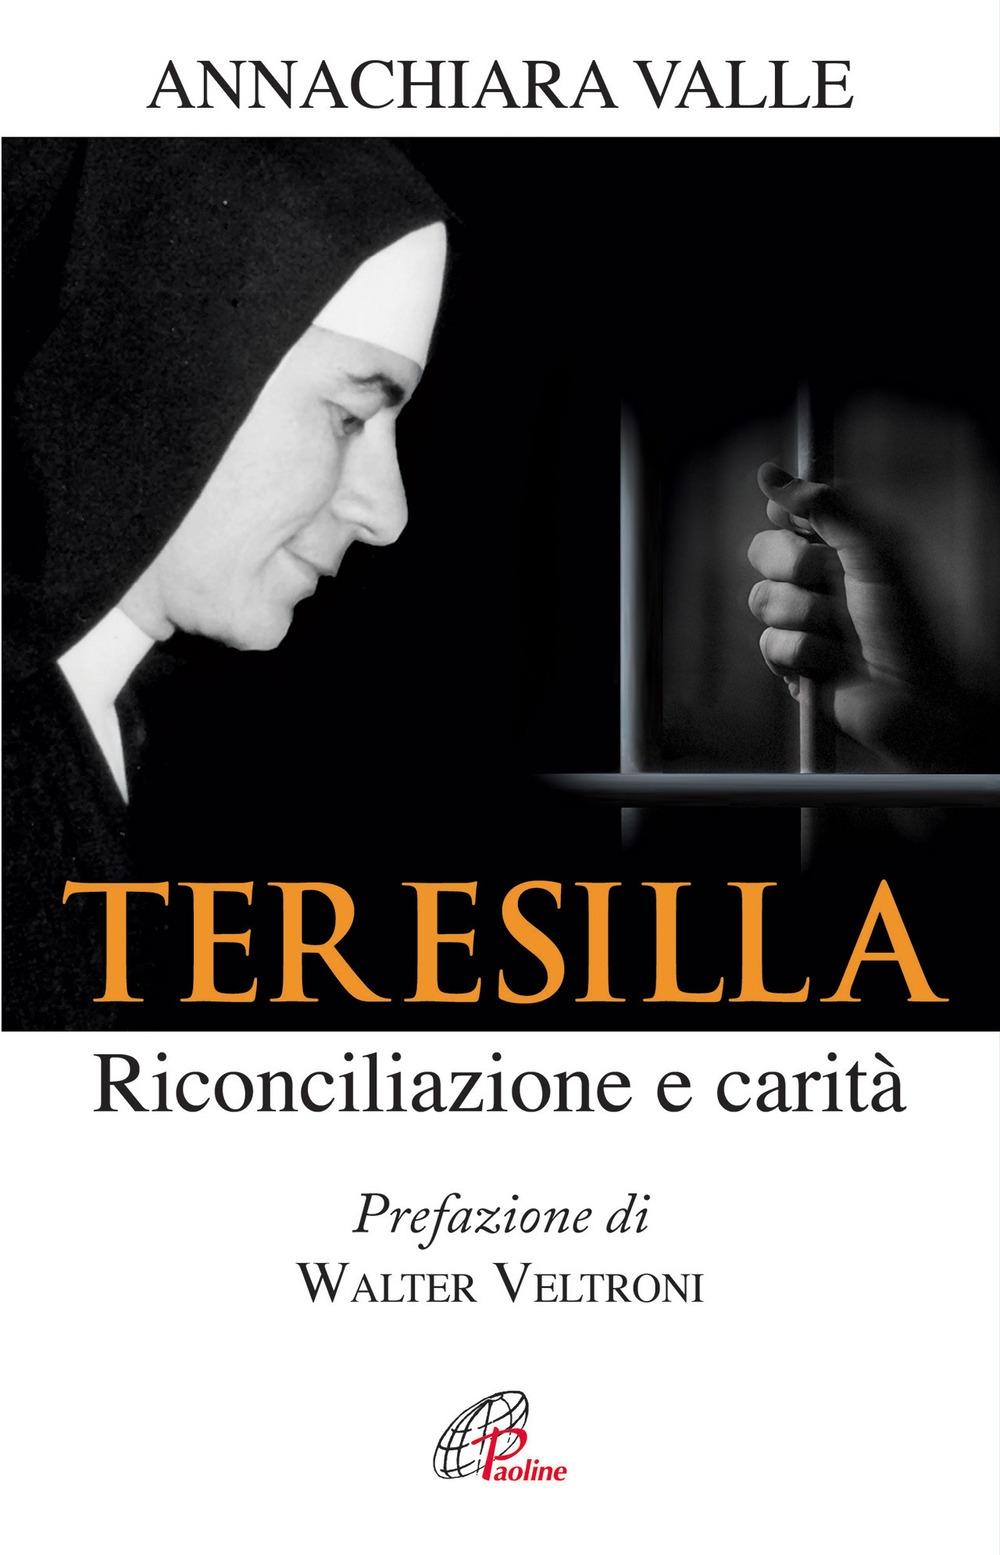 Teresilla. Riconciliazione e carità.